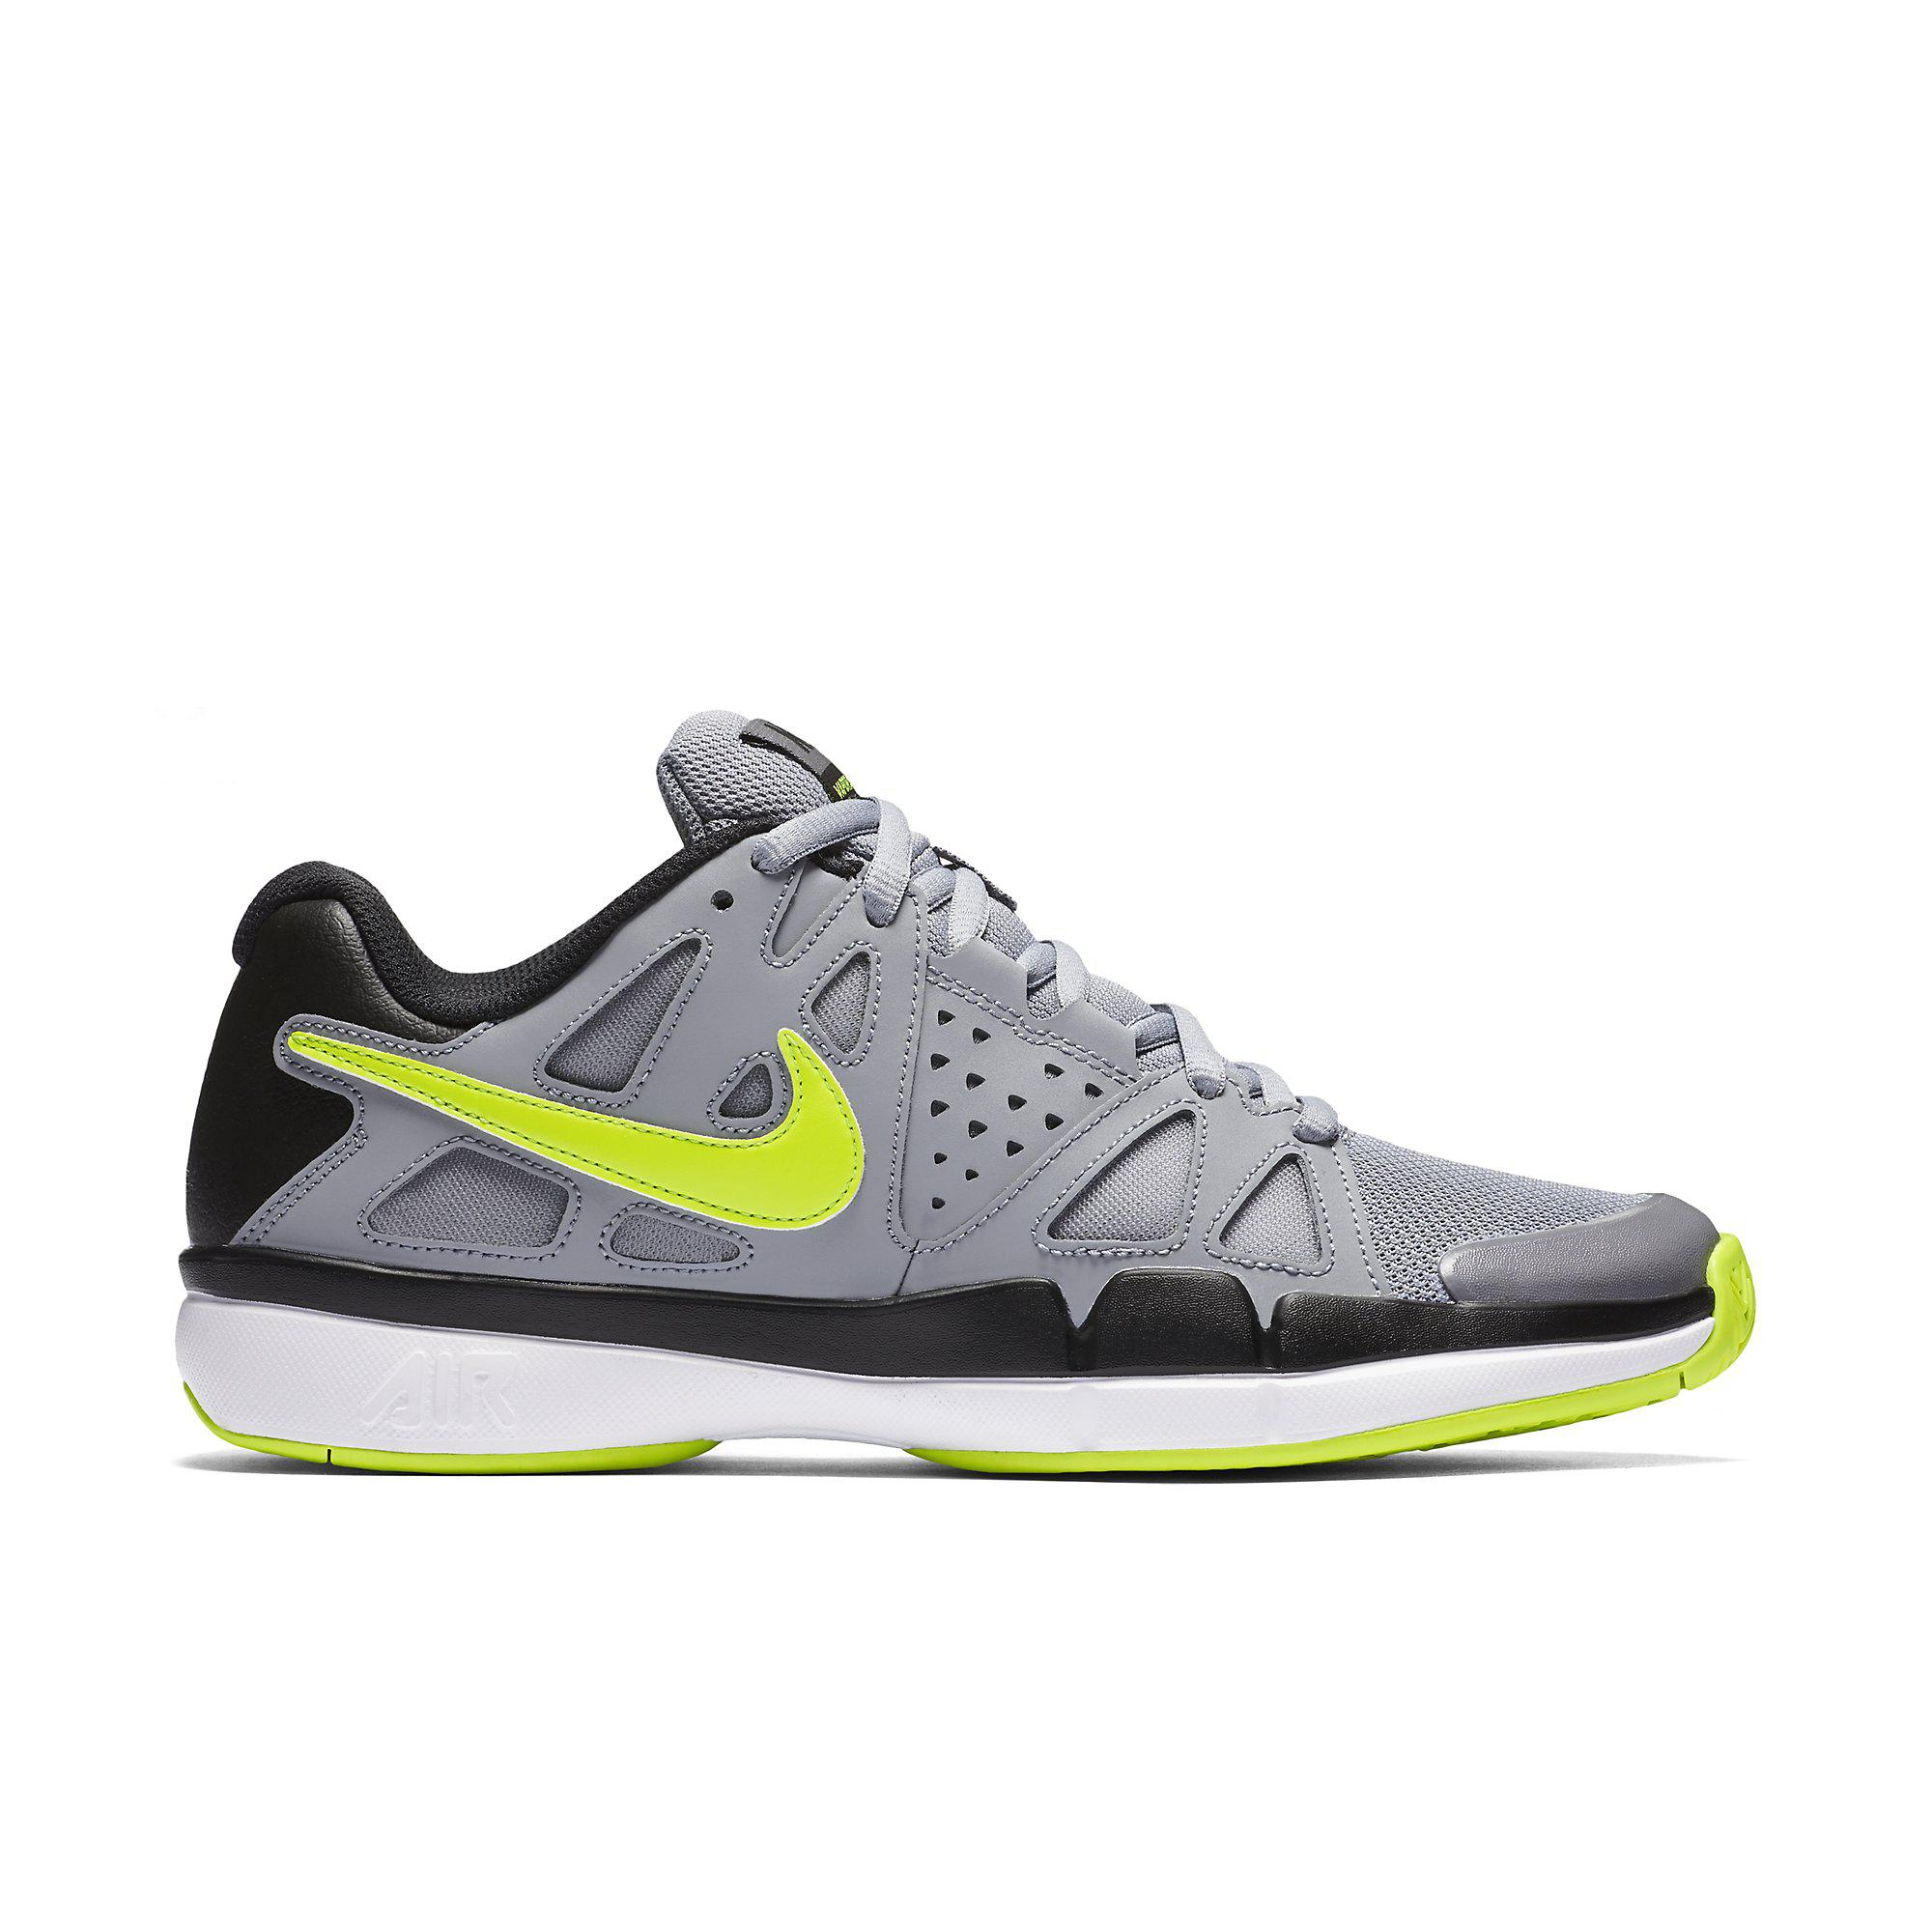 16fe6be4d027 Nike Mens Air Vapor Advantage Tennis Shoes - Stealth Grey Volt -  Tennisnuts.com